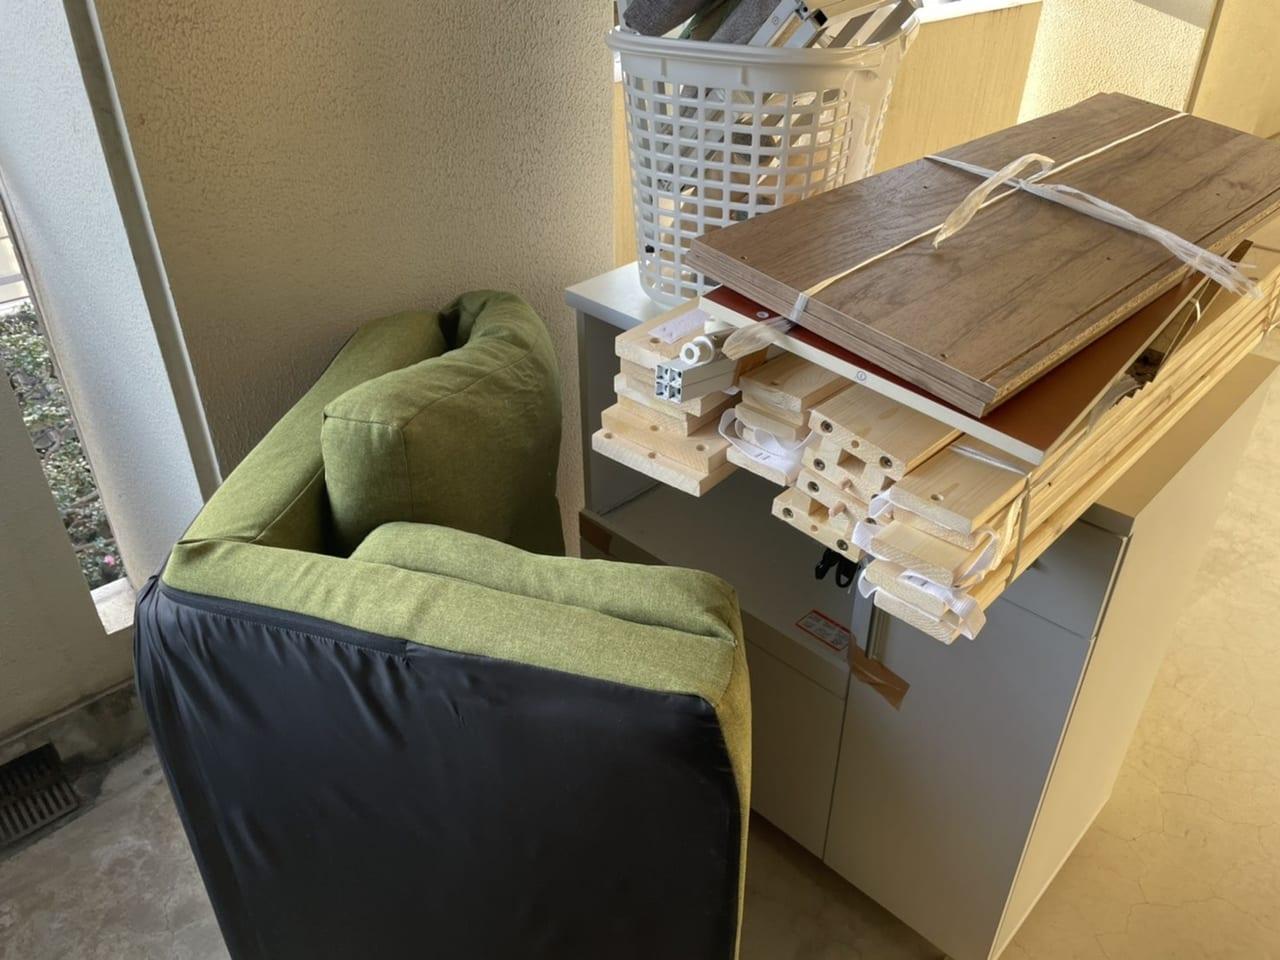 岐阜県関市周辺のO様の回収事例